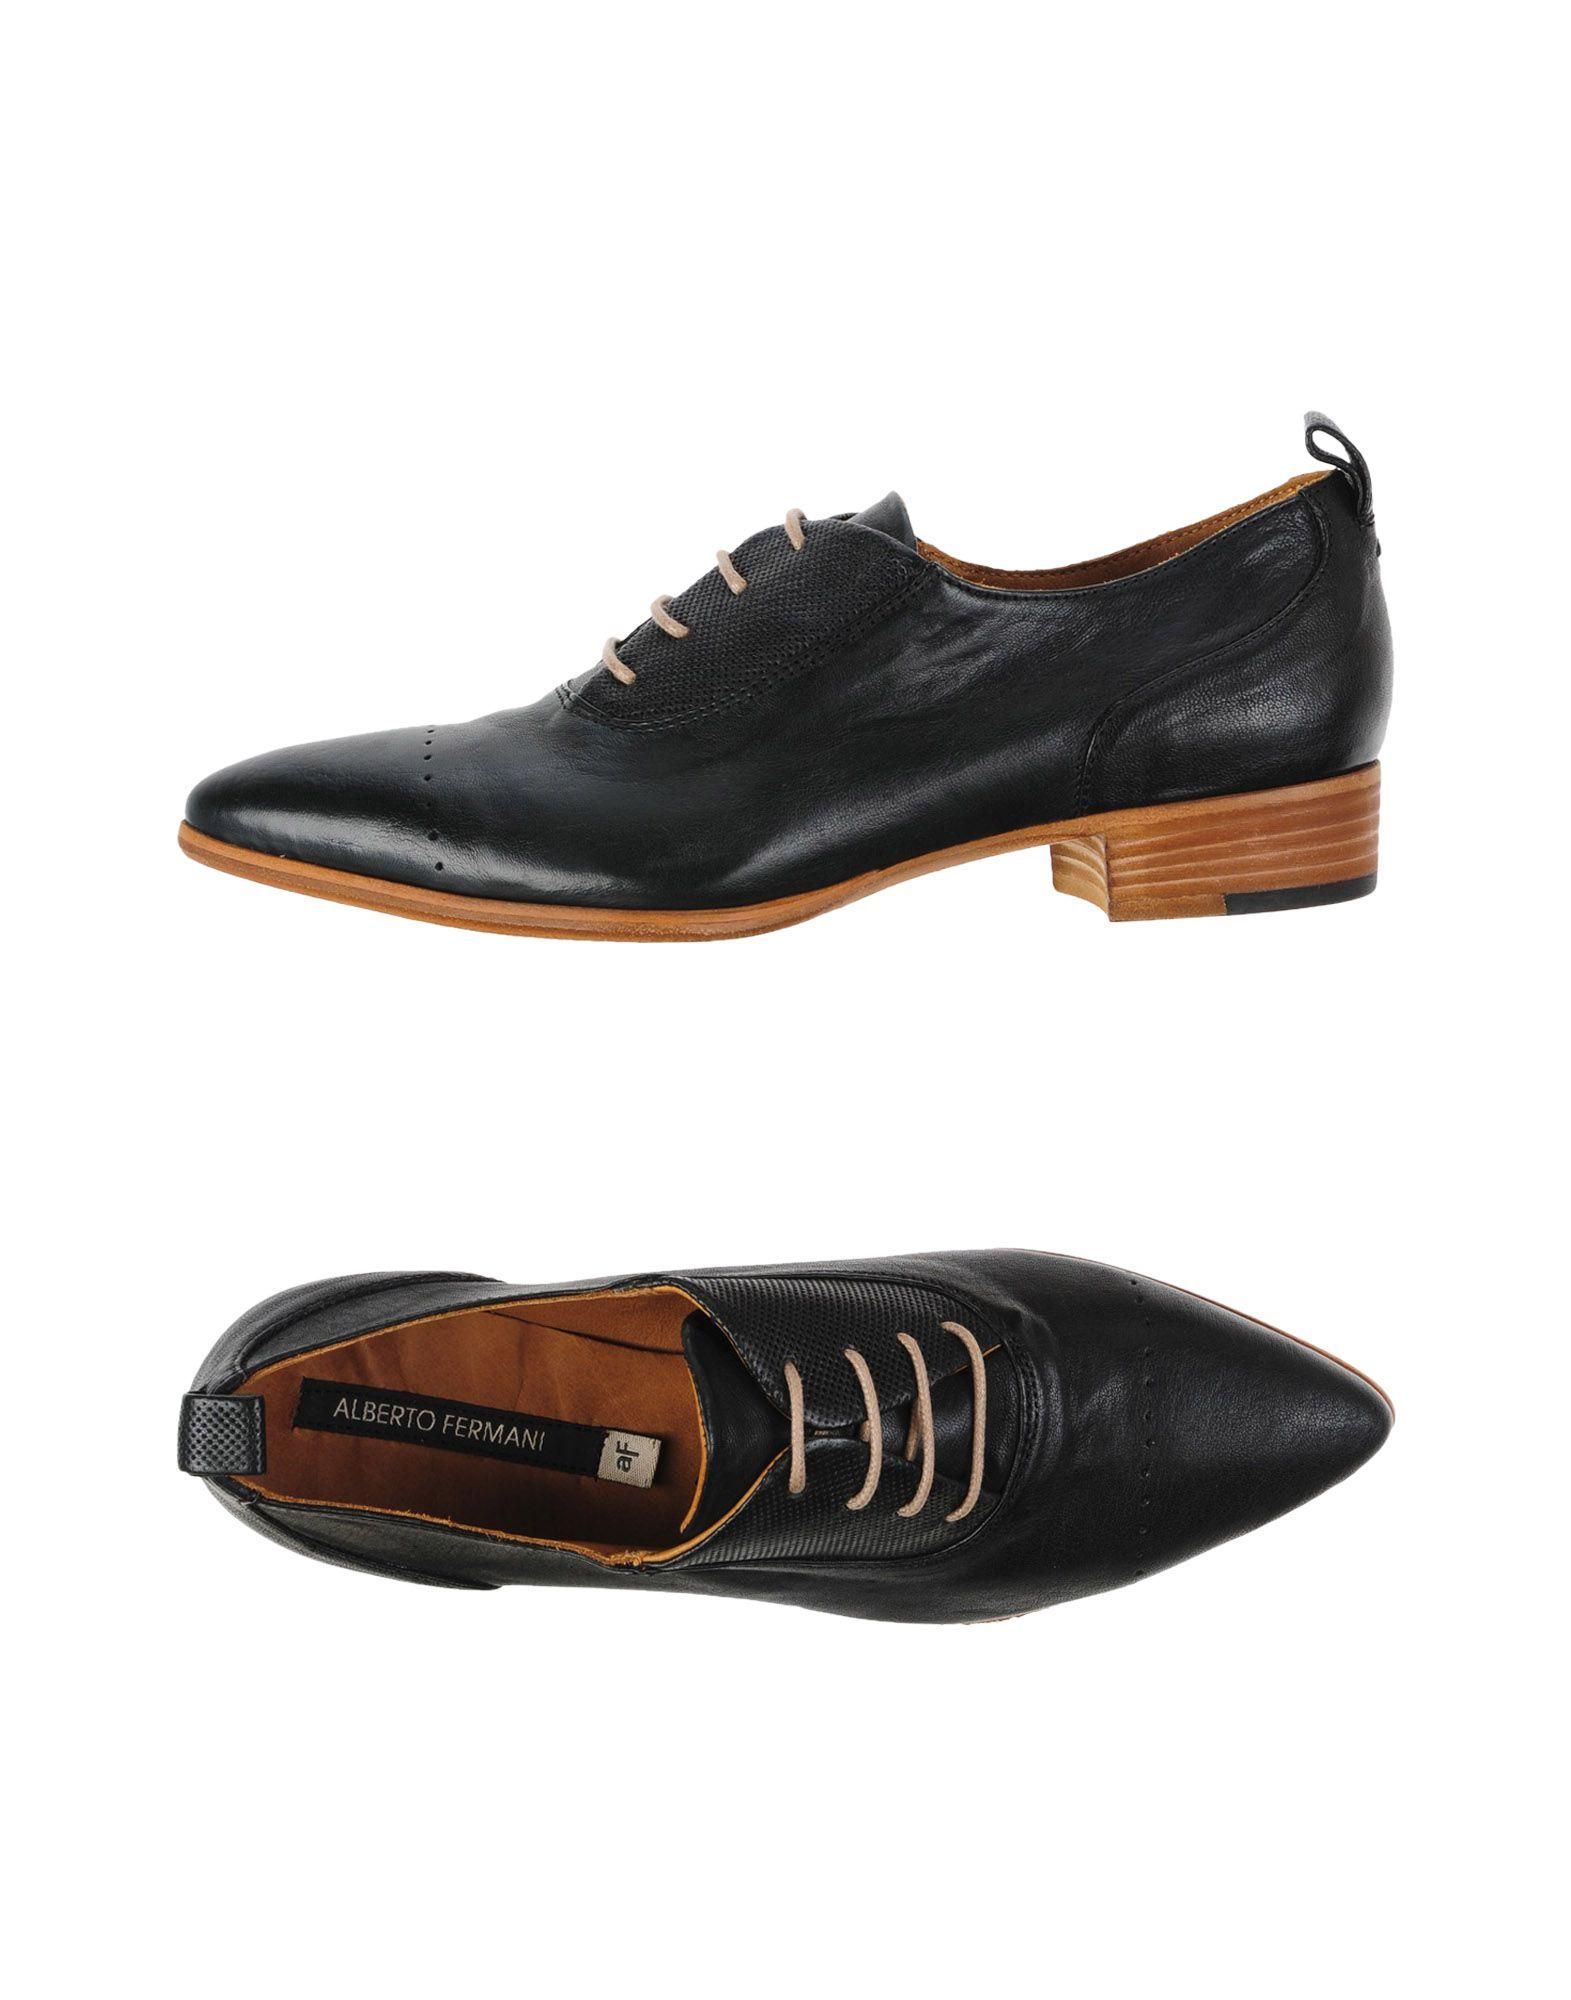 Alberto Fermani Schnürschuhe Damen  11293902EB Gute Qualität beliebte Schuhe